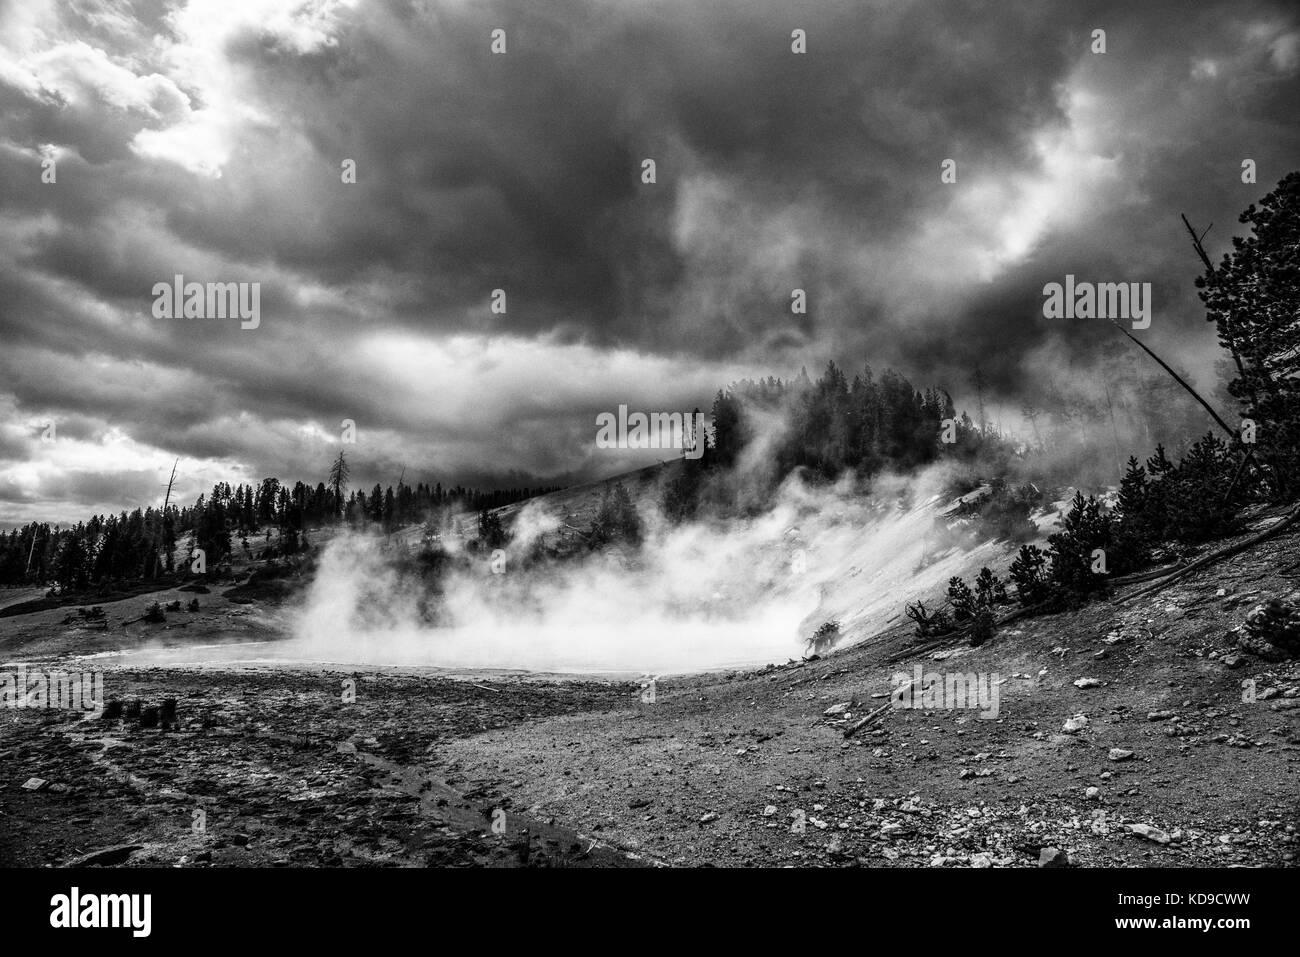 Mud Volcano, Yellowstone National Park, Wyoming - Stock Image